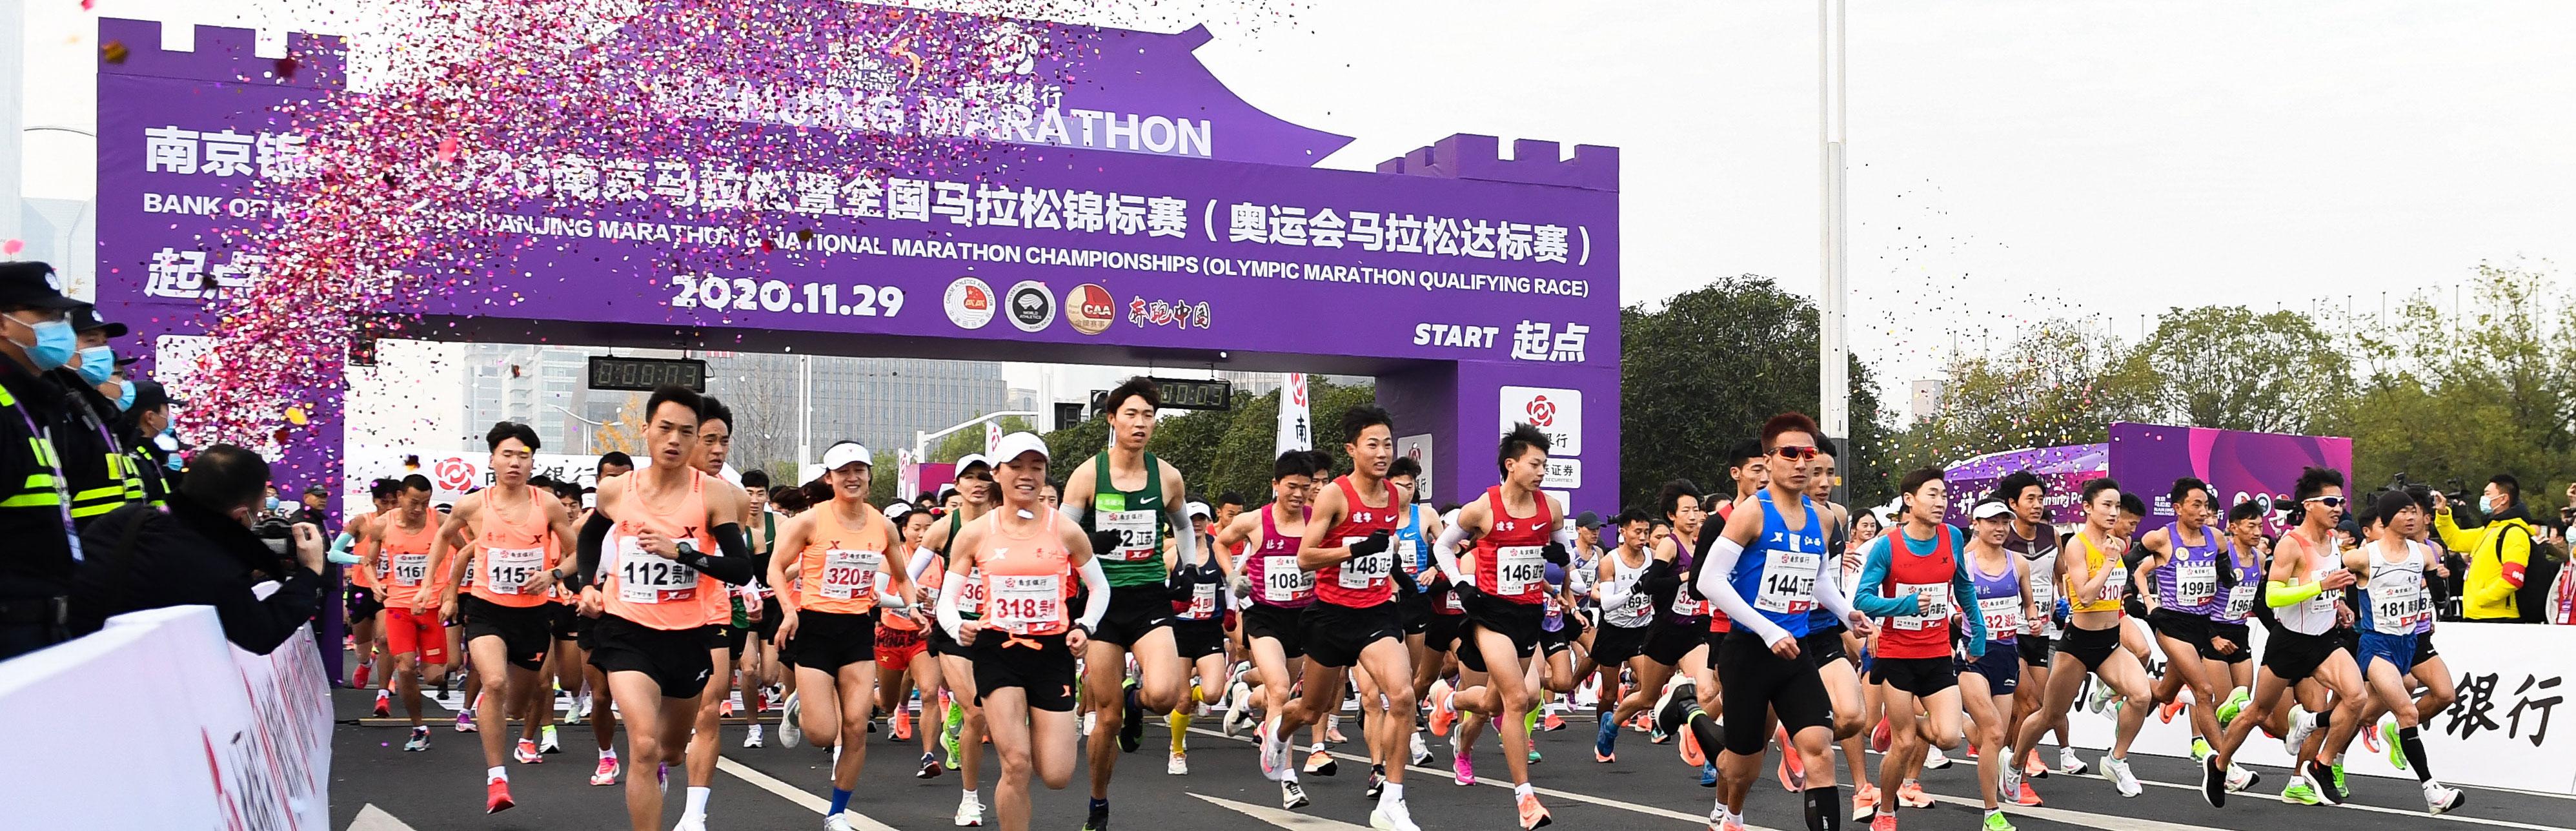 2020南京马拉松收官 彭建华李丹分获男女组冠军 8人达到东京奥运标准